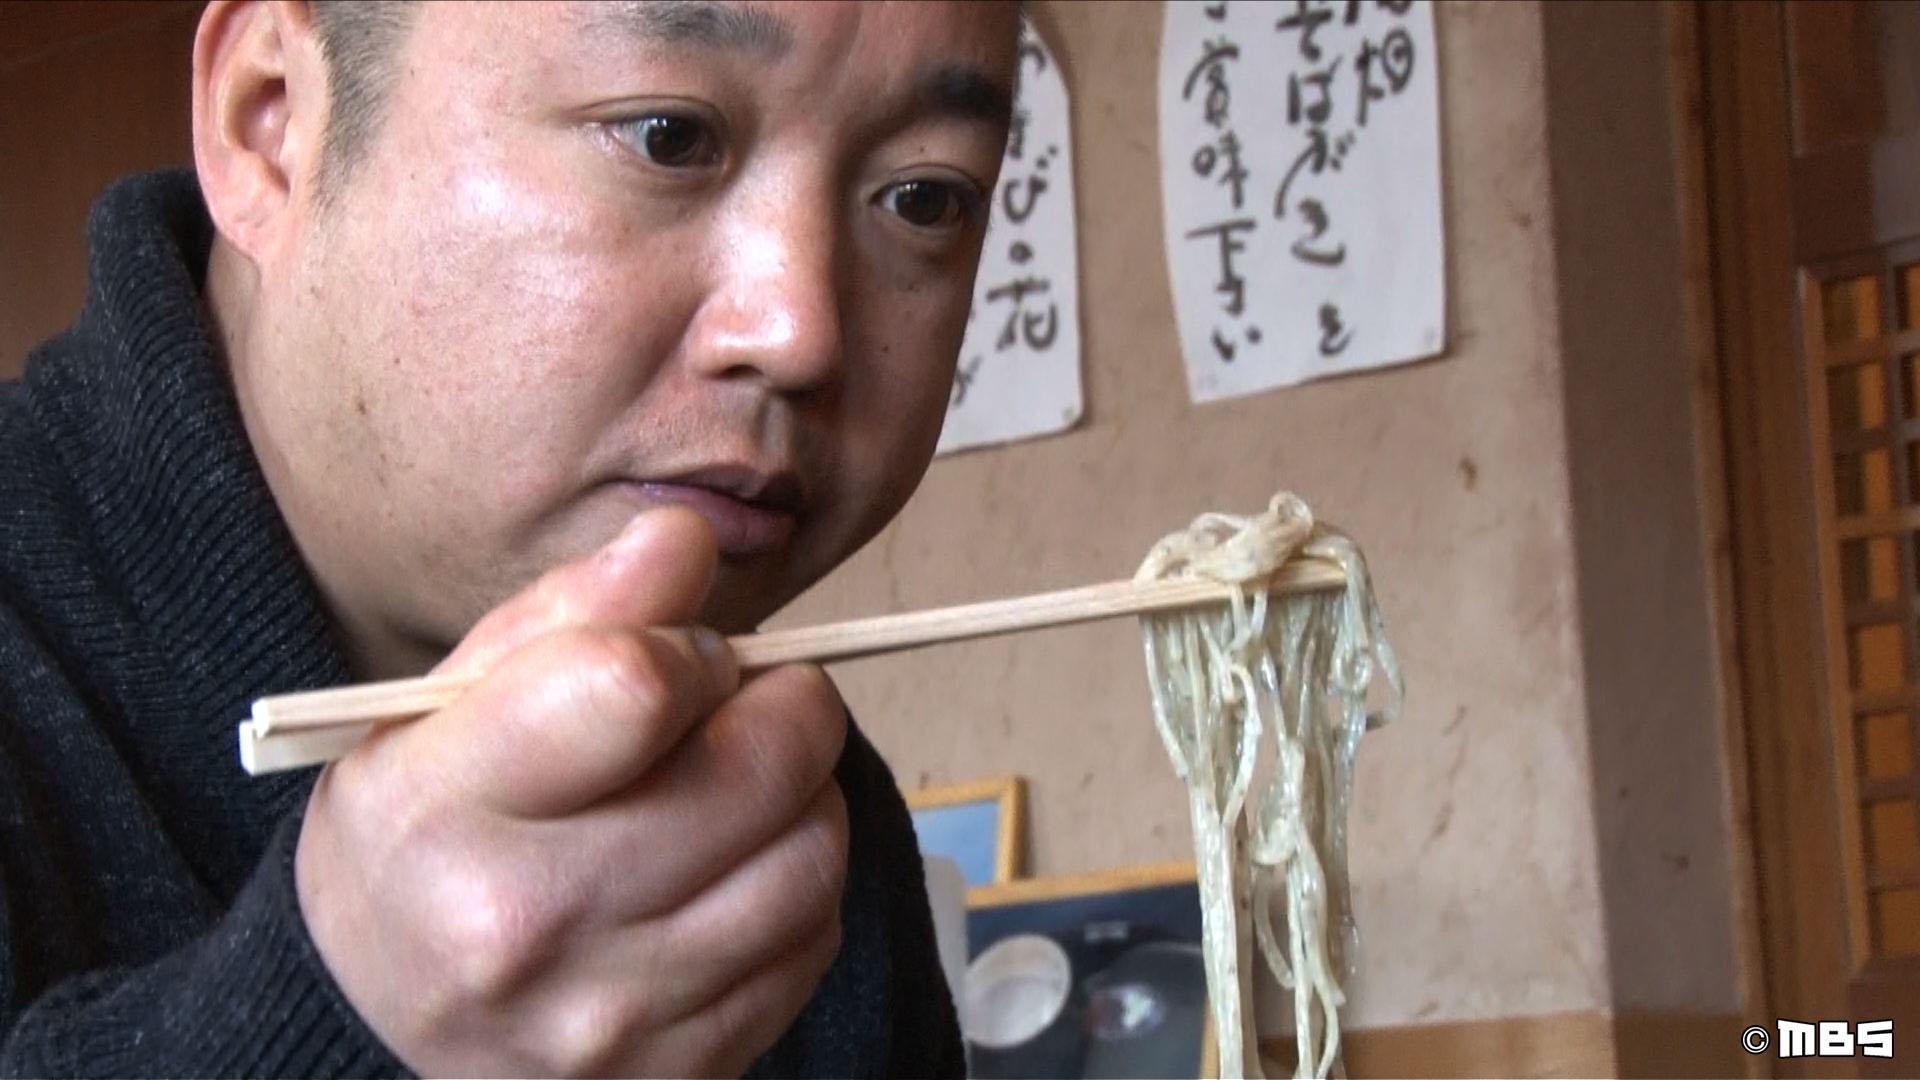 180107情熱大陸_飯田将太(6)蕎麦屋で学ぶc.jpg